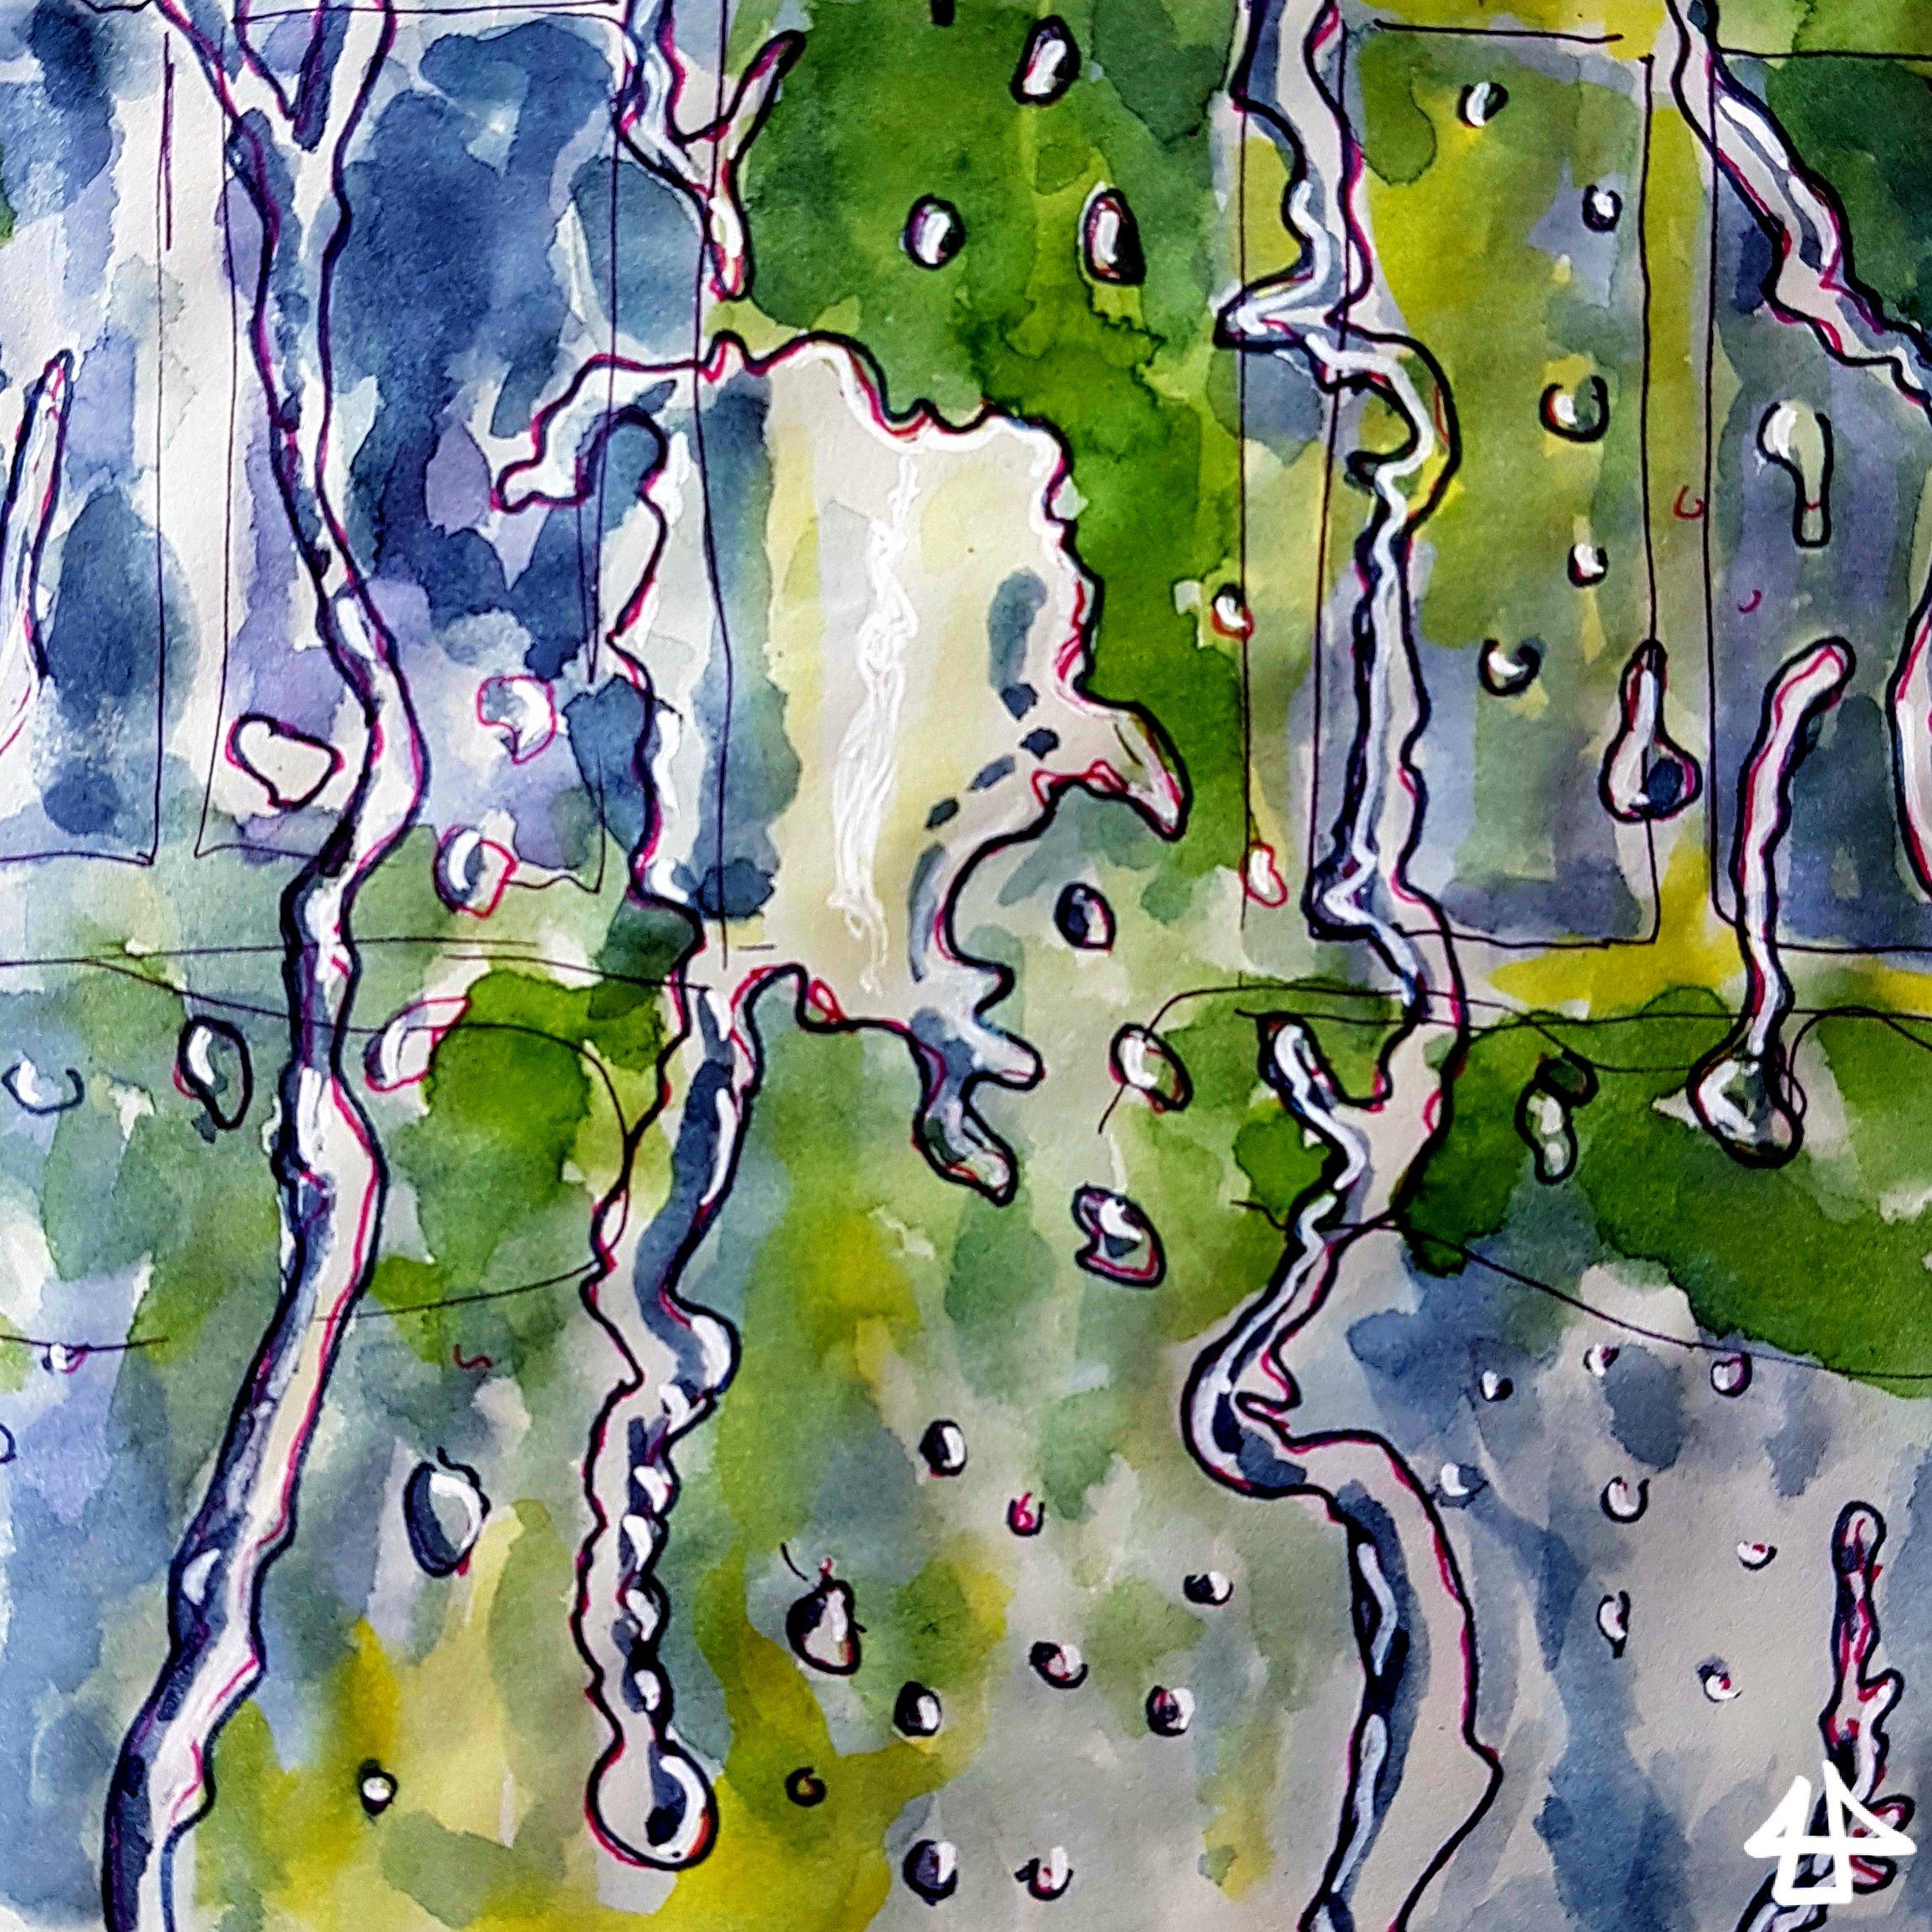 Aquarellierte Zeichnung: Tropfen rinnen eine Glasscheibe herunter, dahinter in Grüntönen unscharf ein Gebäude.